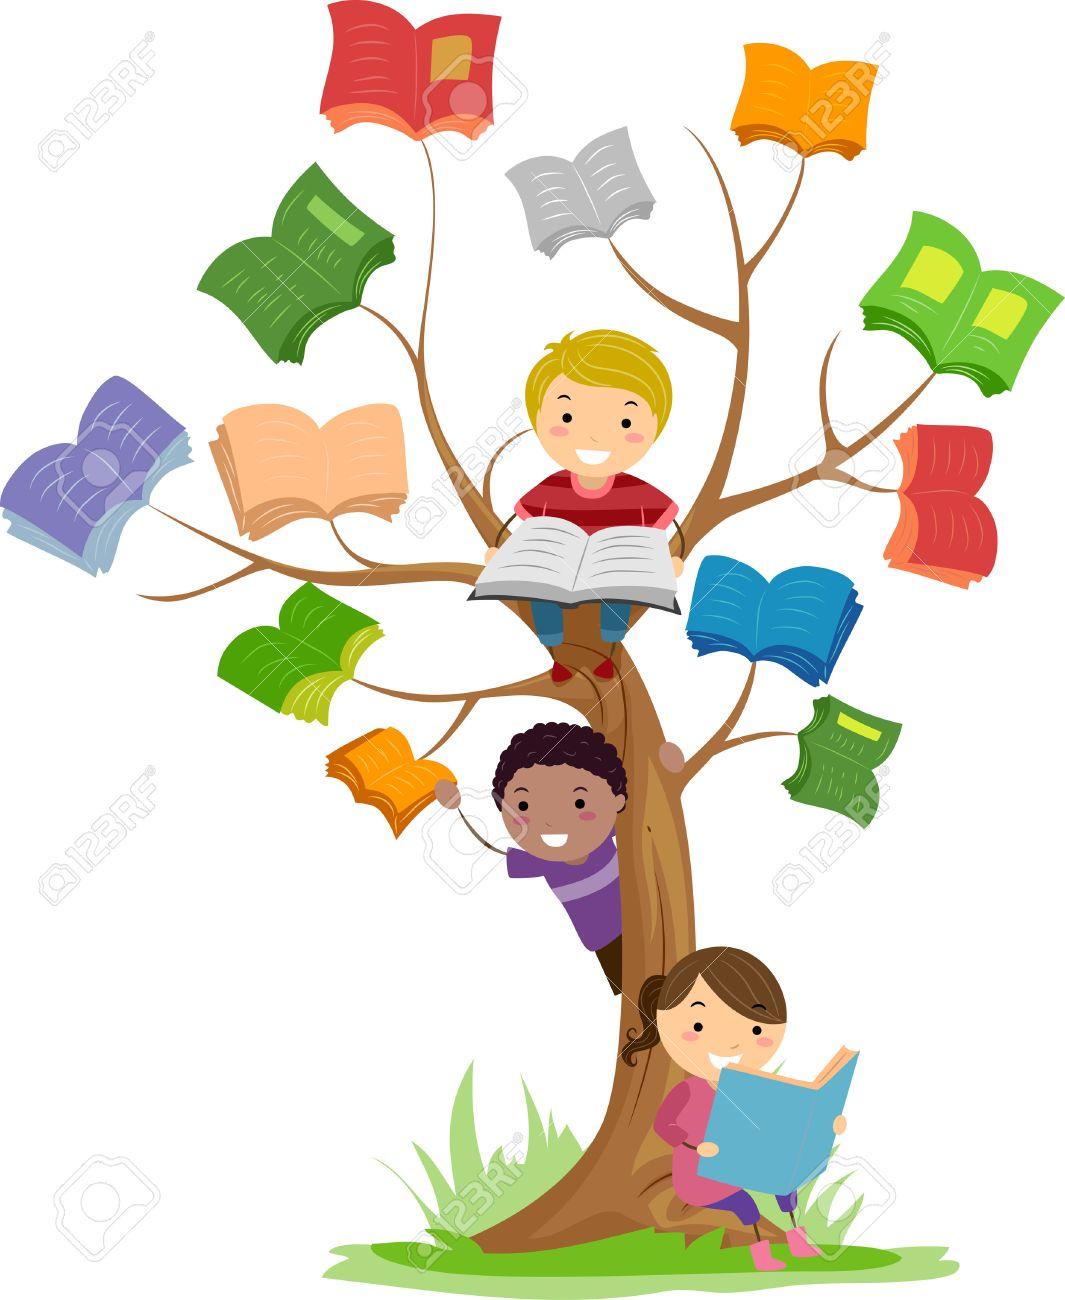 Resultado de imagen para dibujo sobre la lectura